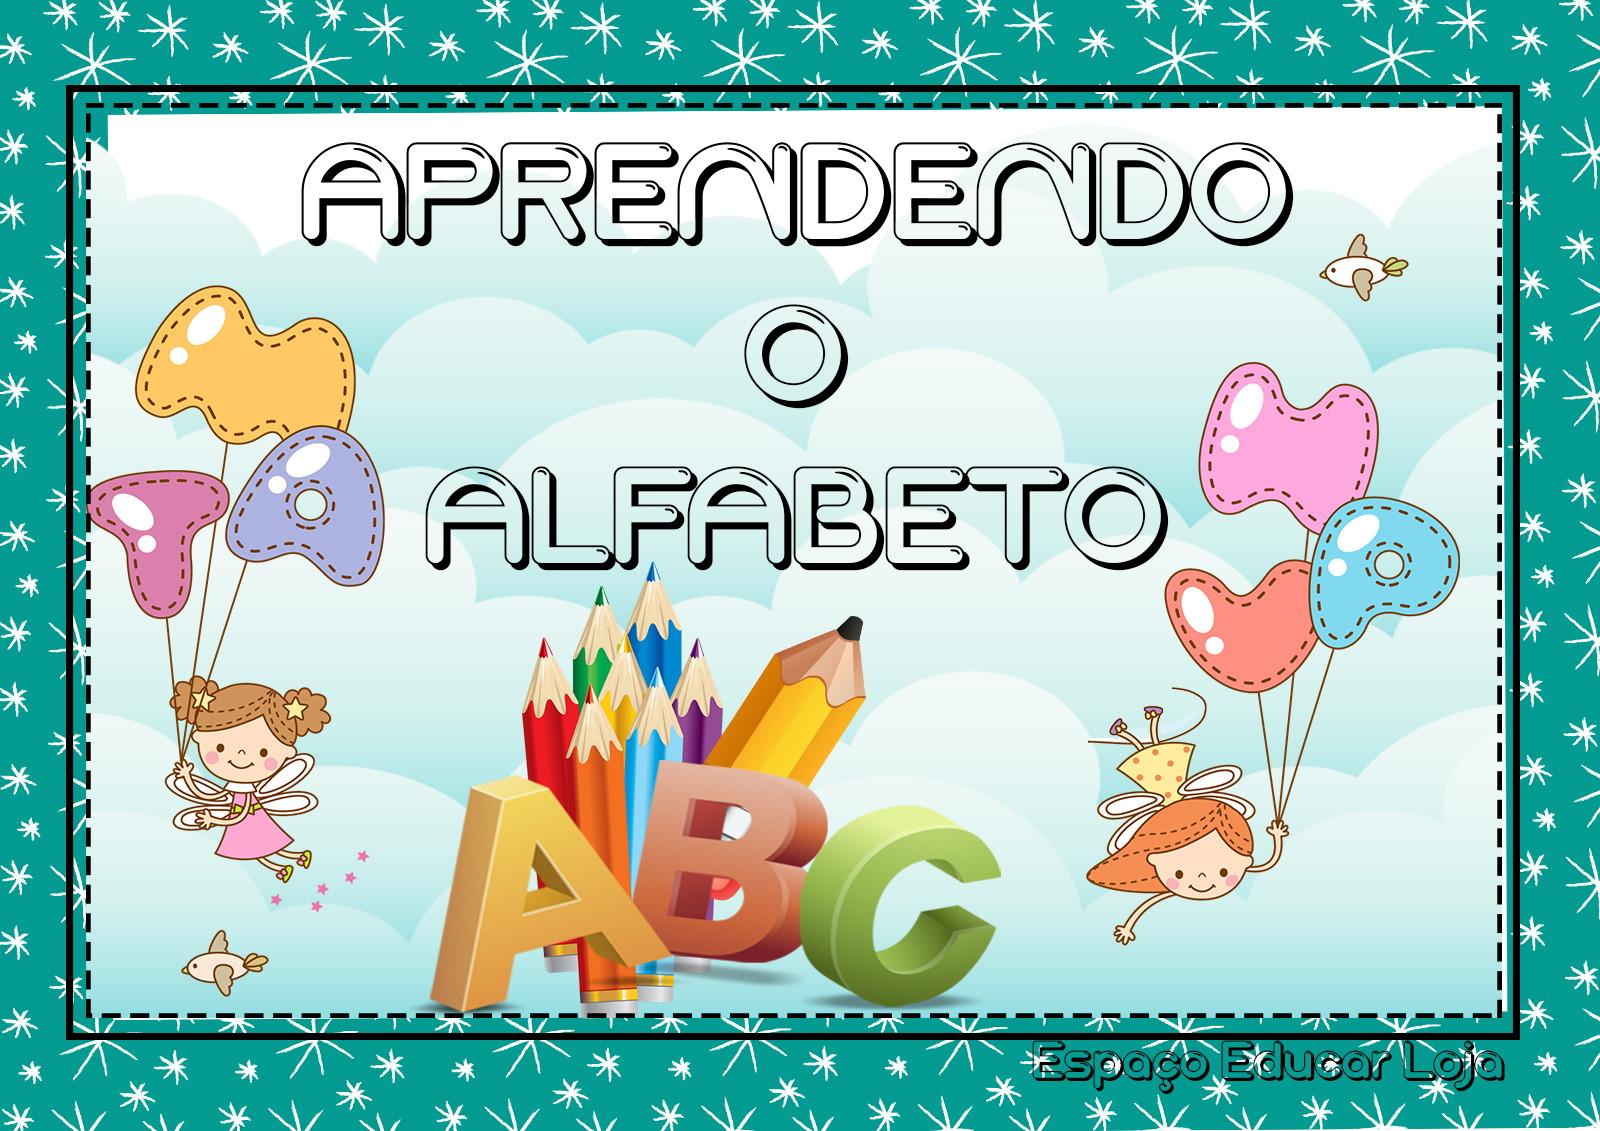 Aprendendo O Alfabeto Atividades Alfabetizacao Pdf 012 No Elo7